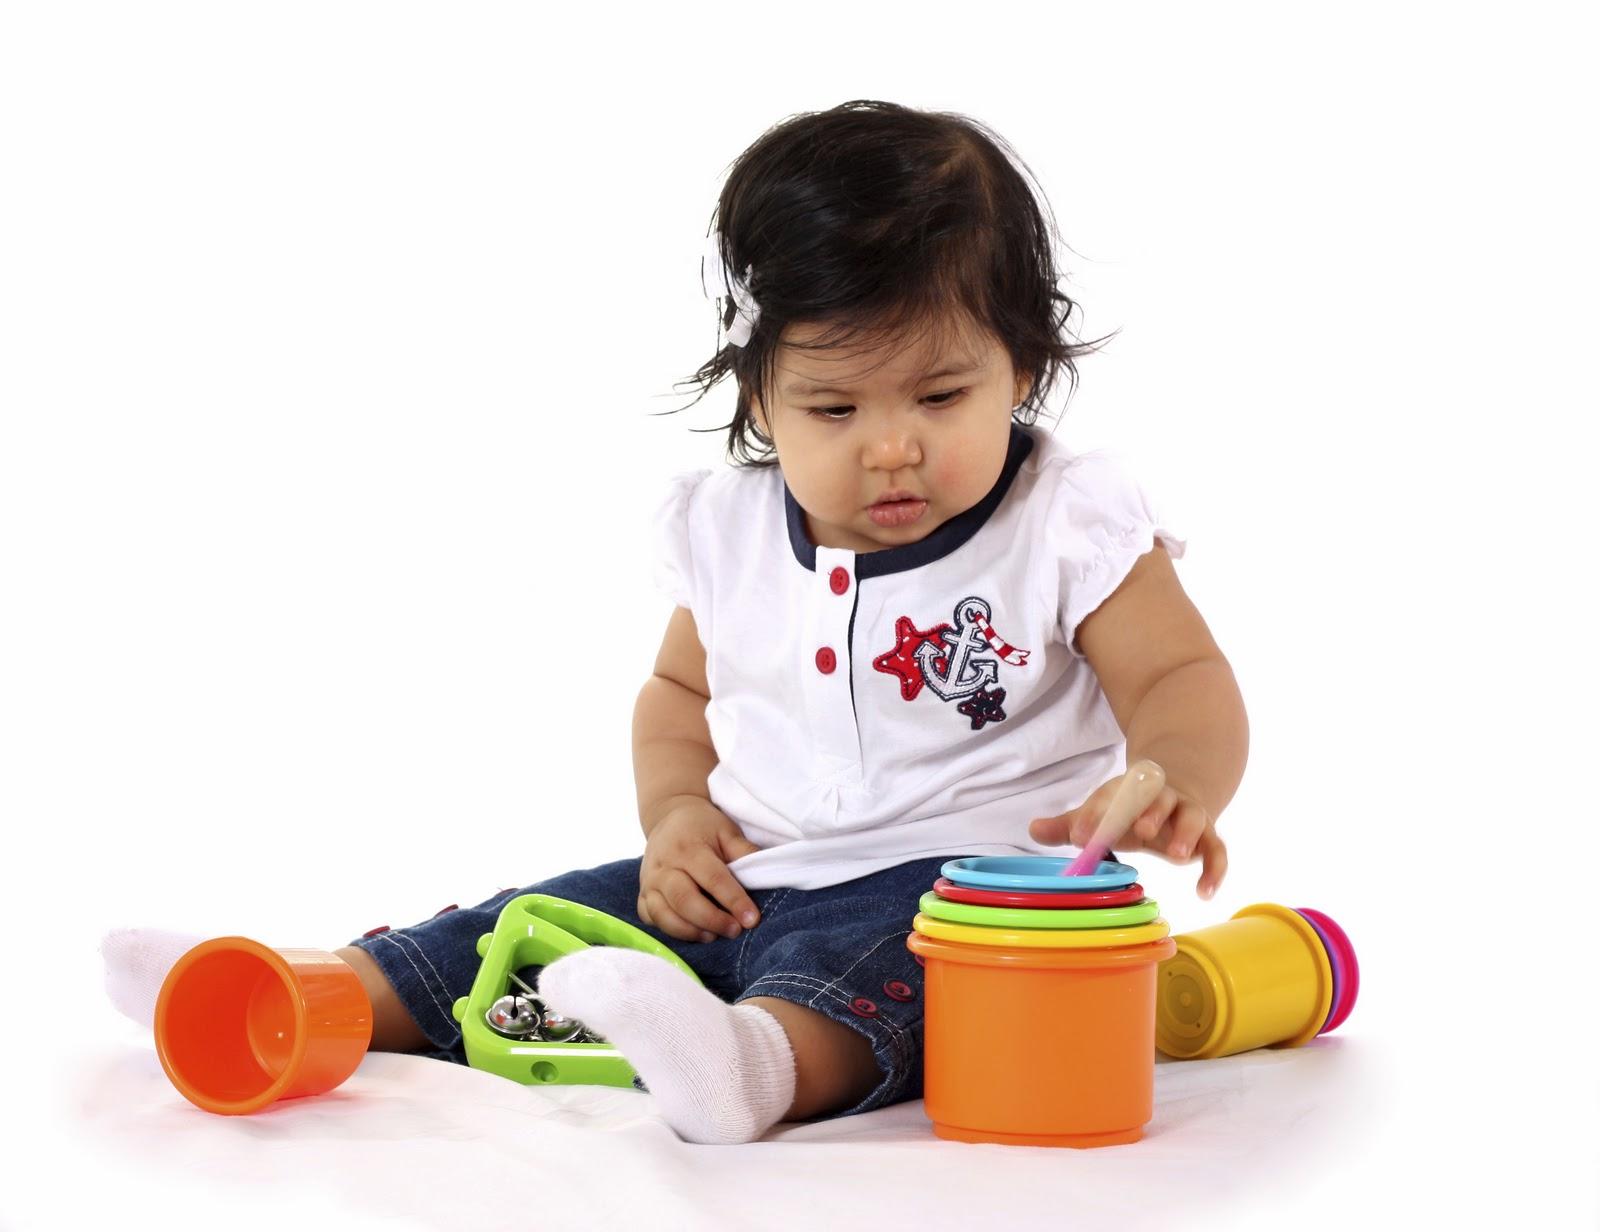 Unique Baby Brain Development Toys Pictures